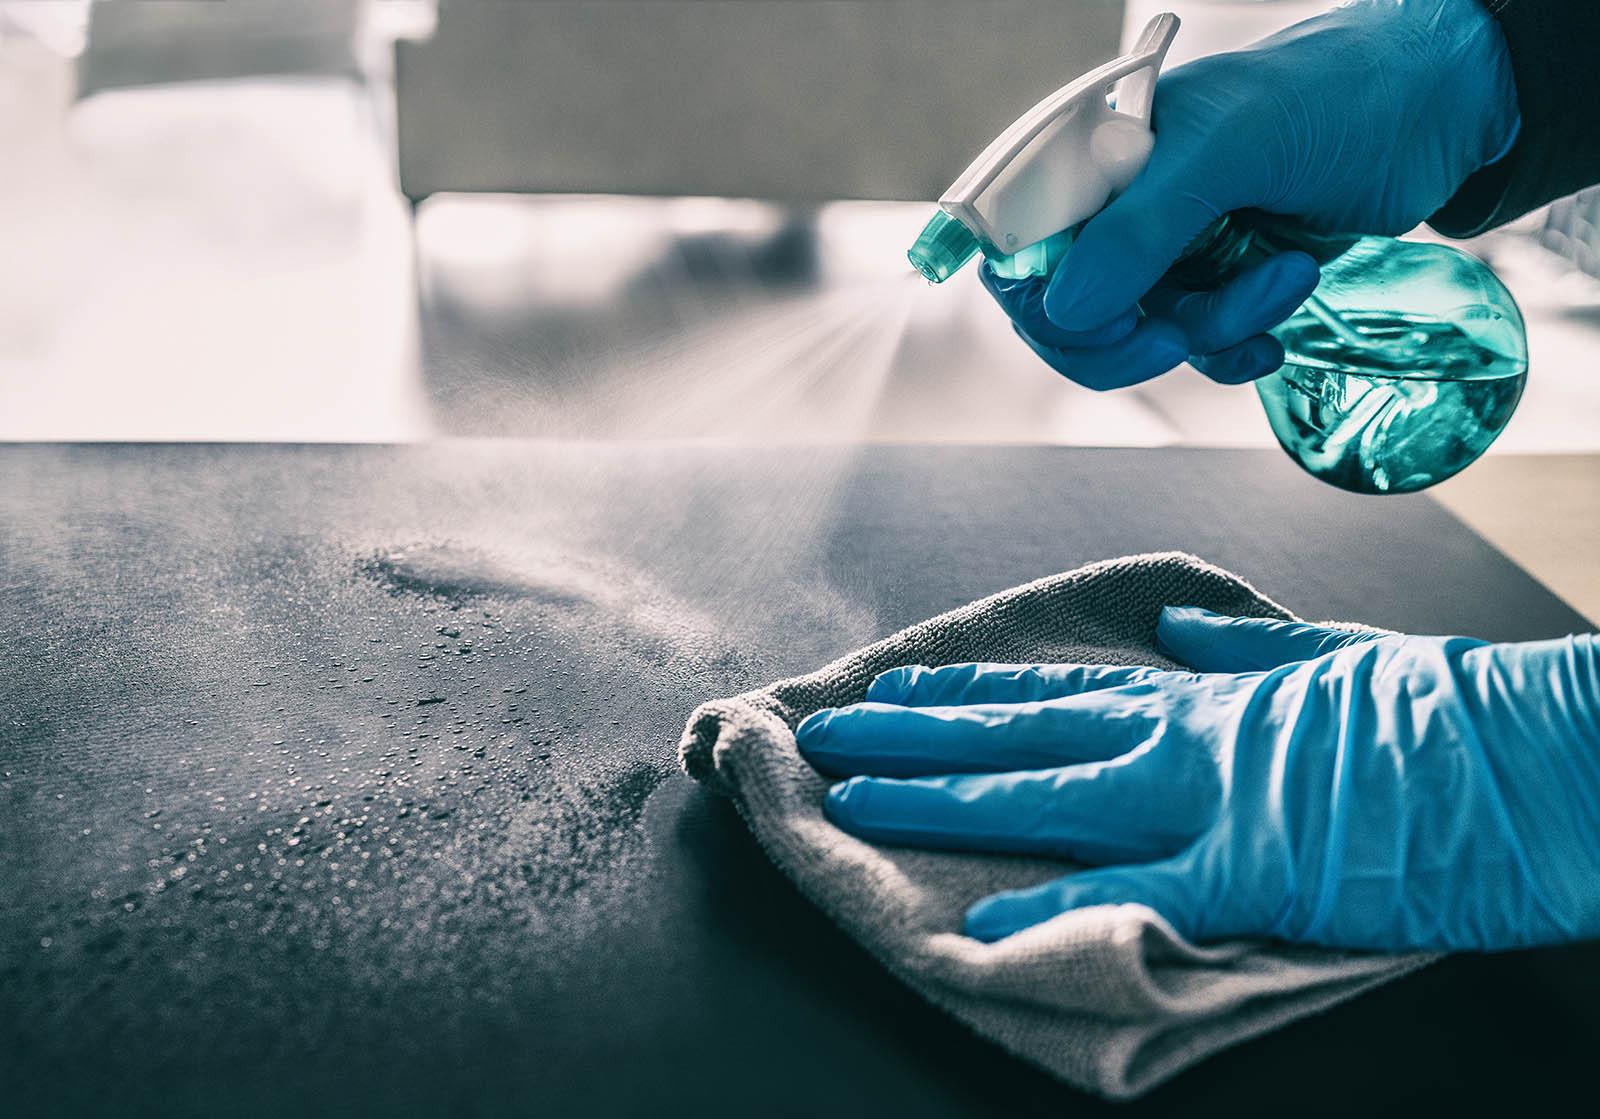 En person med plasthandskar sprejar rengöringsspray och torkar av en yta.